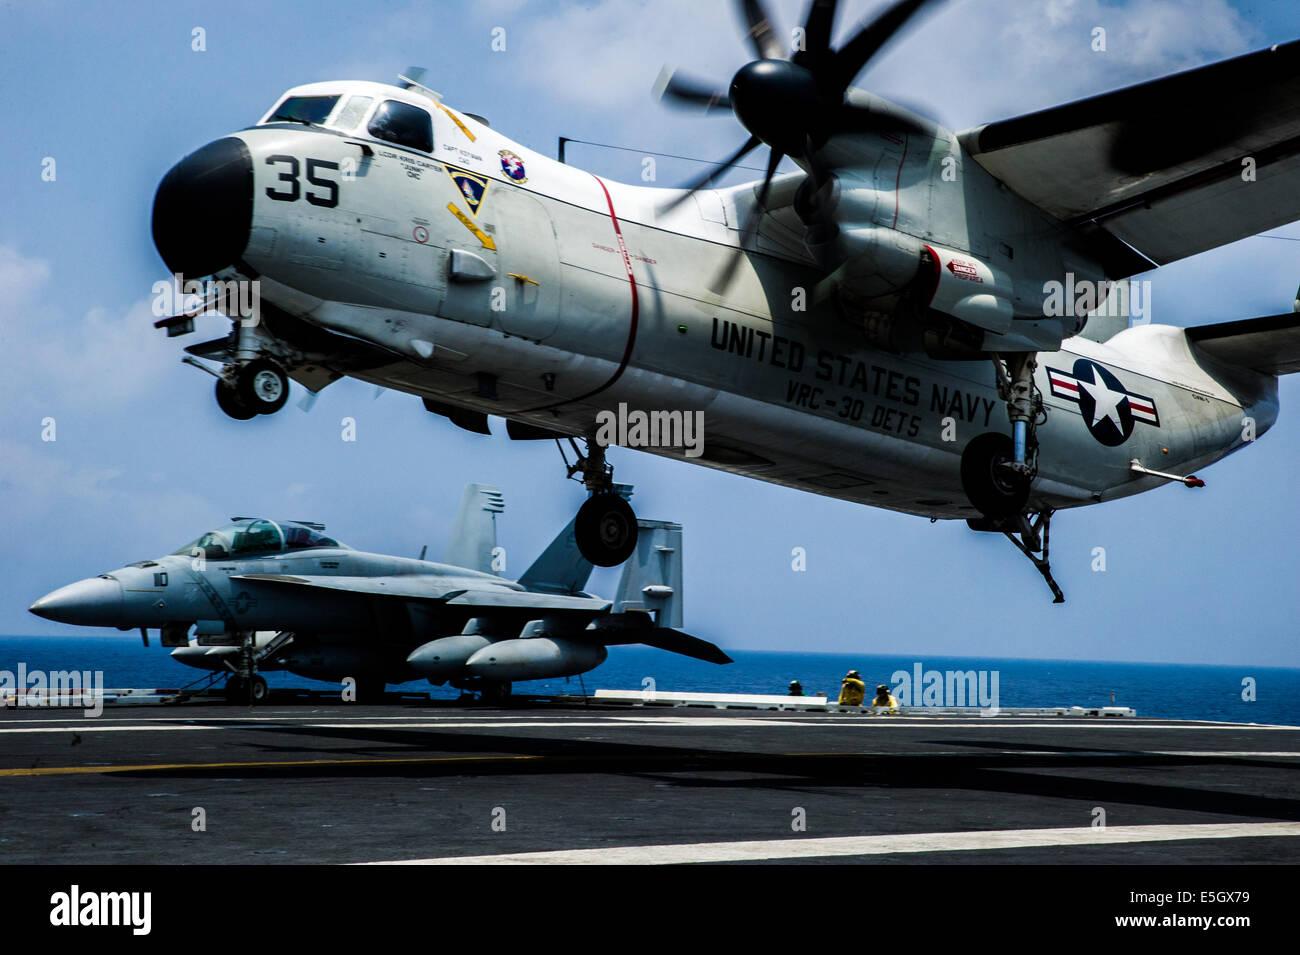 C 2a Greyhound Logistics Aircraft A U S  Navy C-2A Greyhound